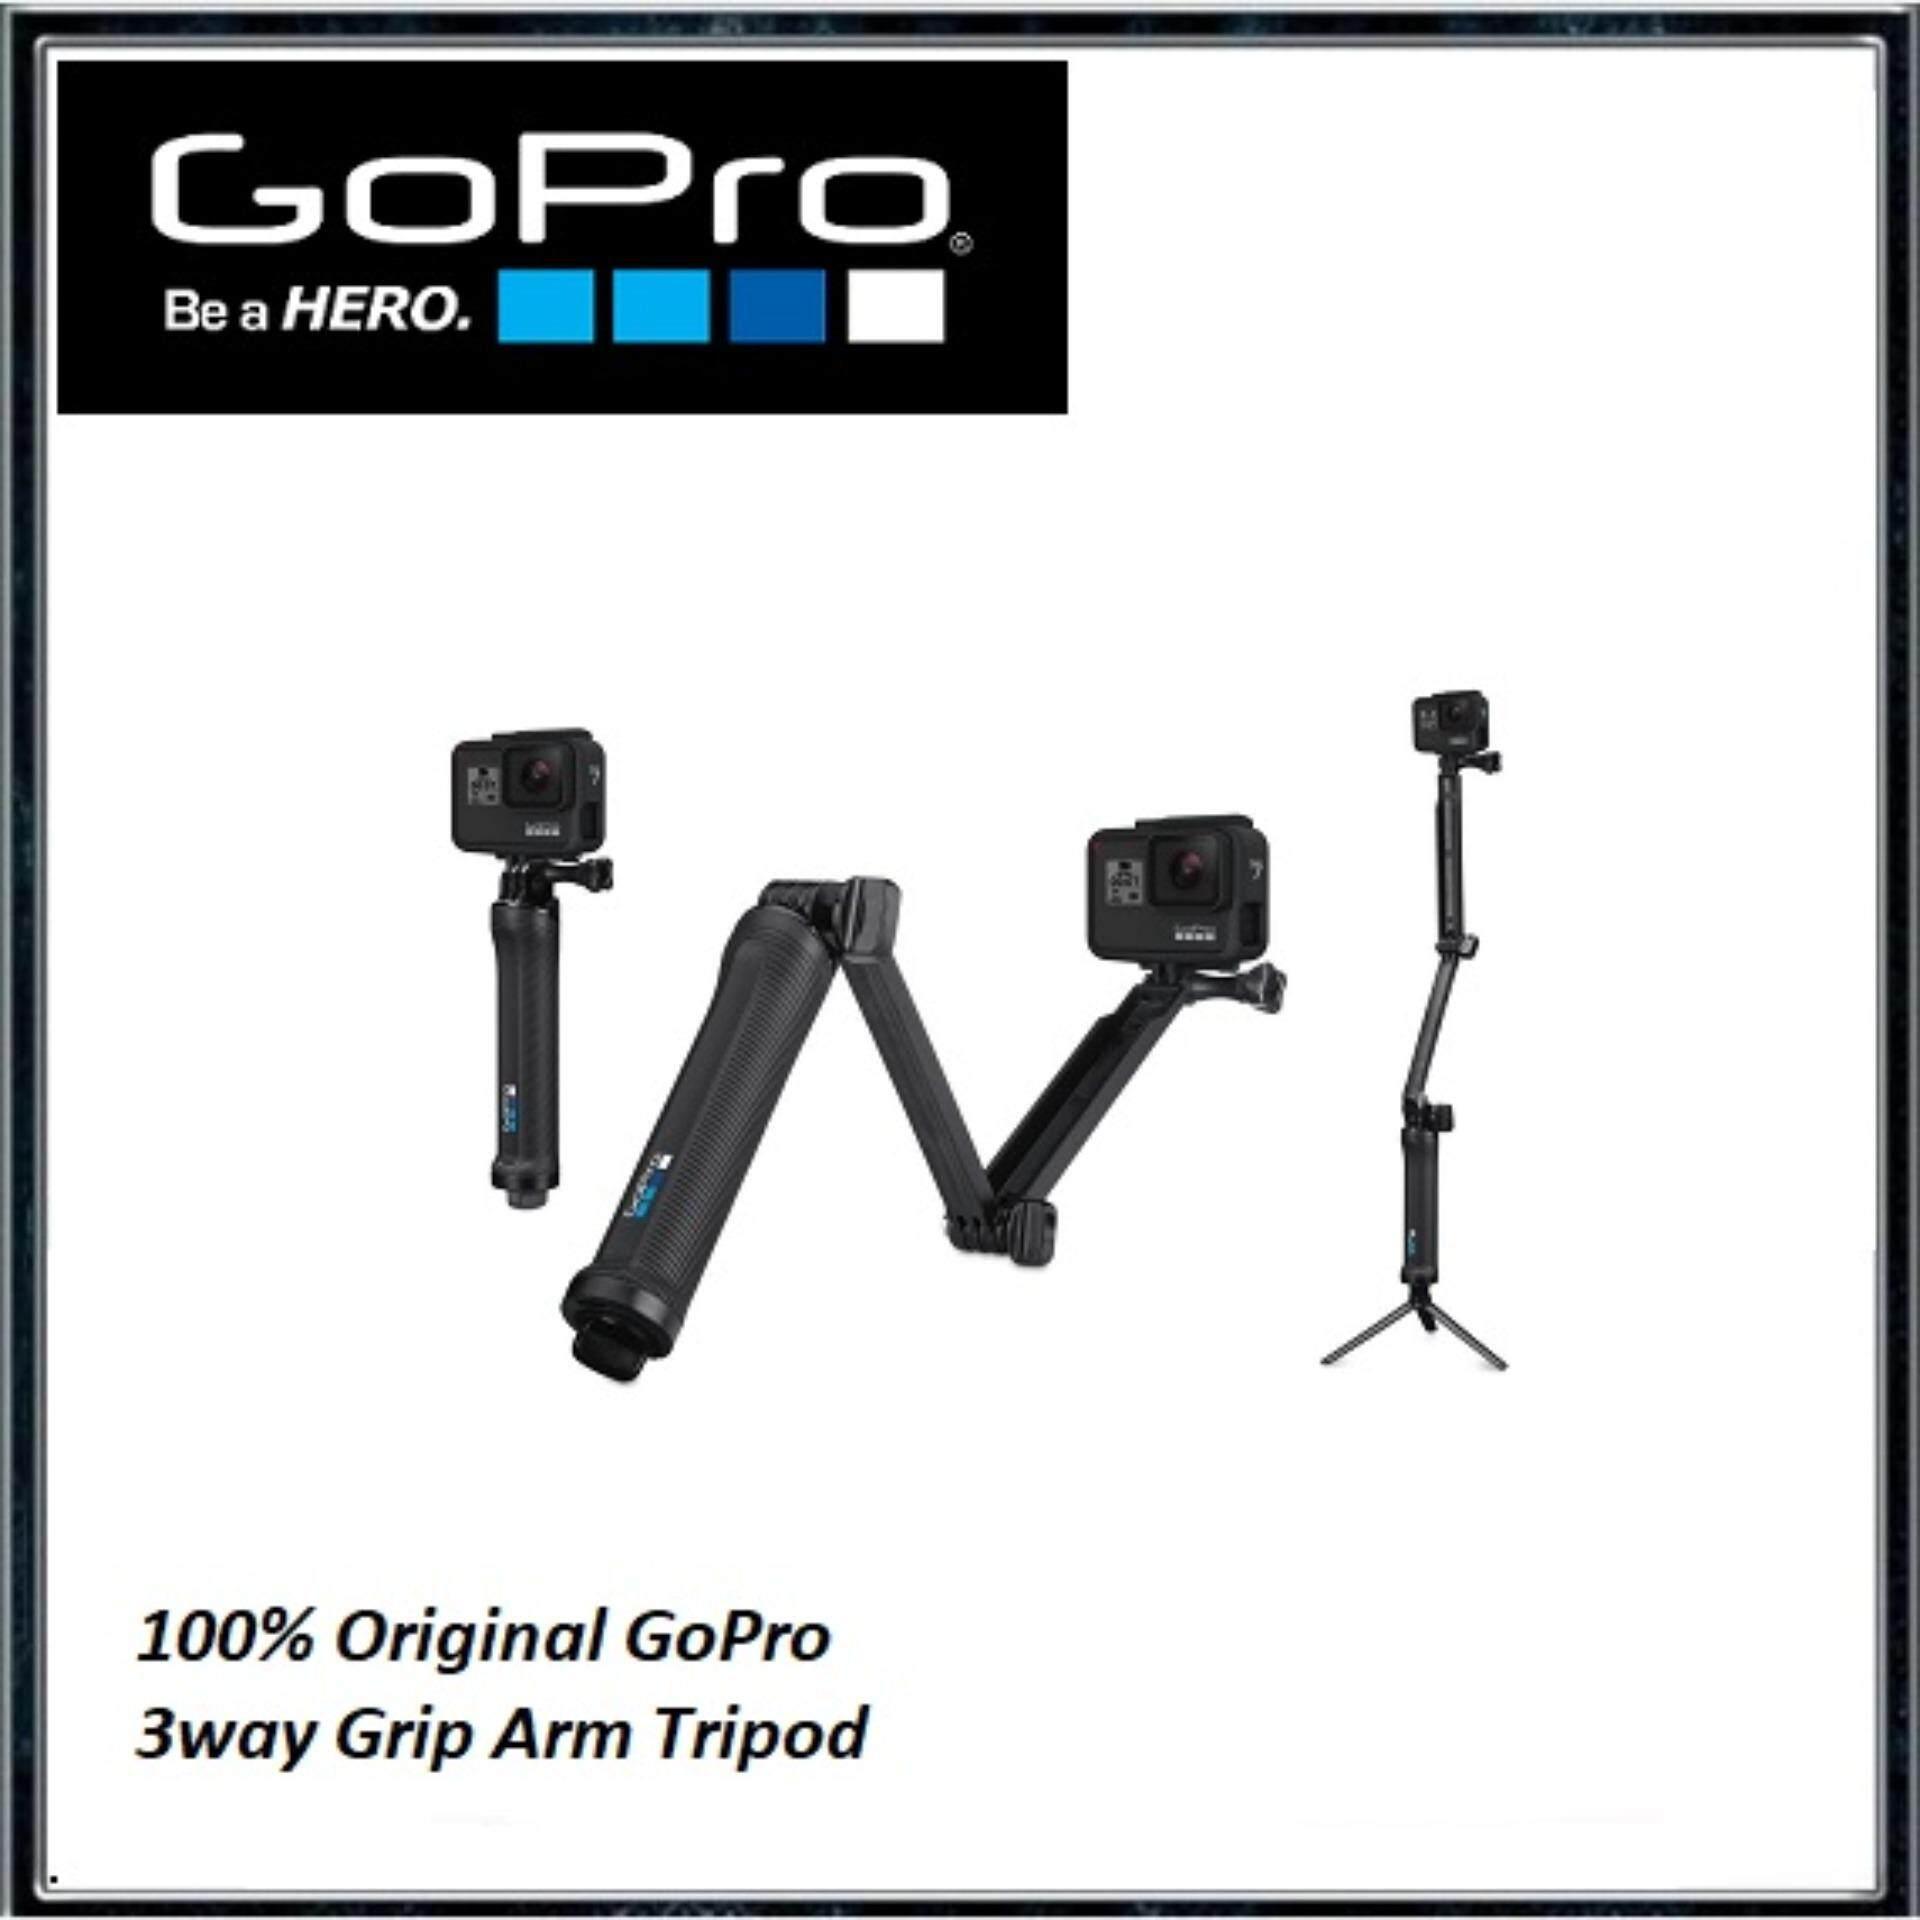 GoPro 3-Way Grip/Arm/Tripod (ORIGINAL GOPRO 100%)